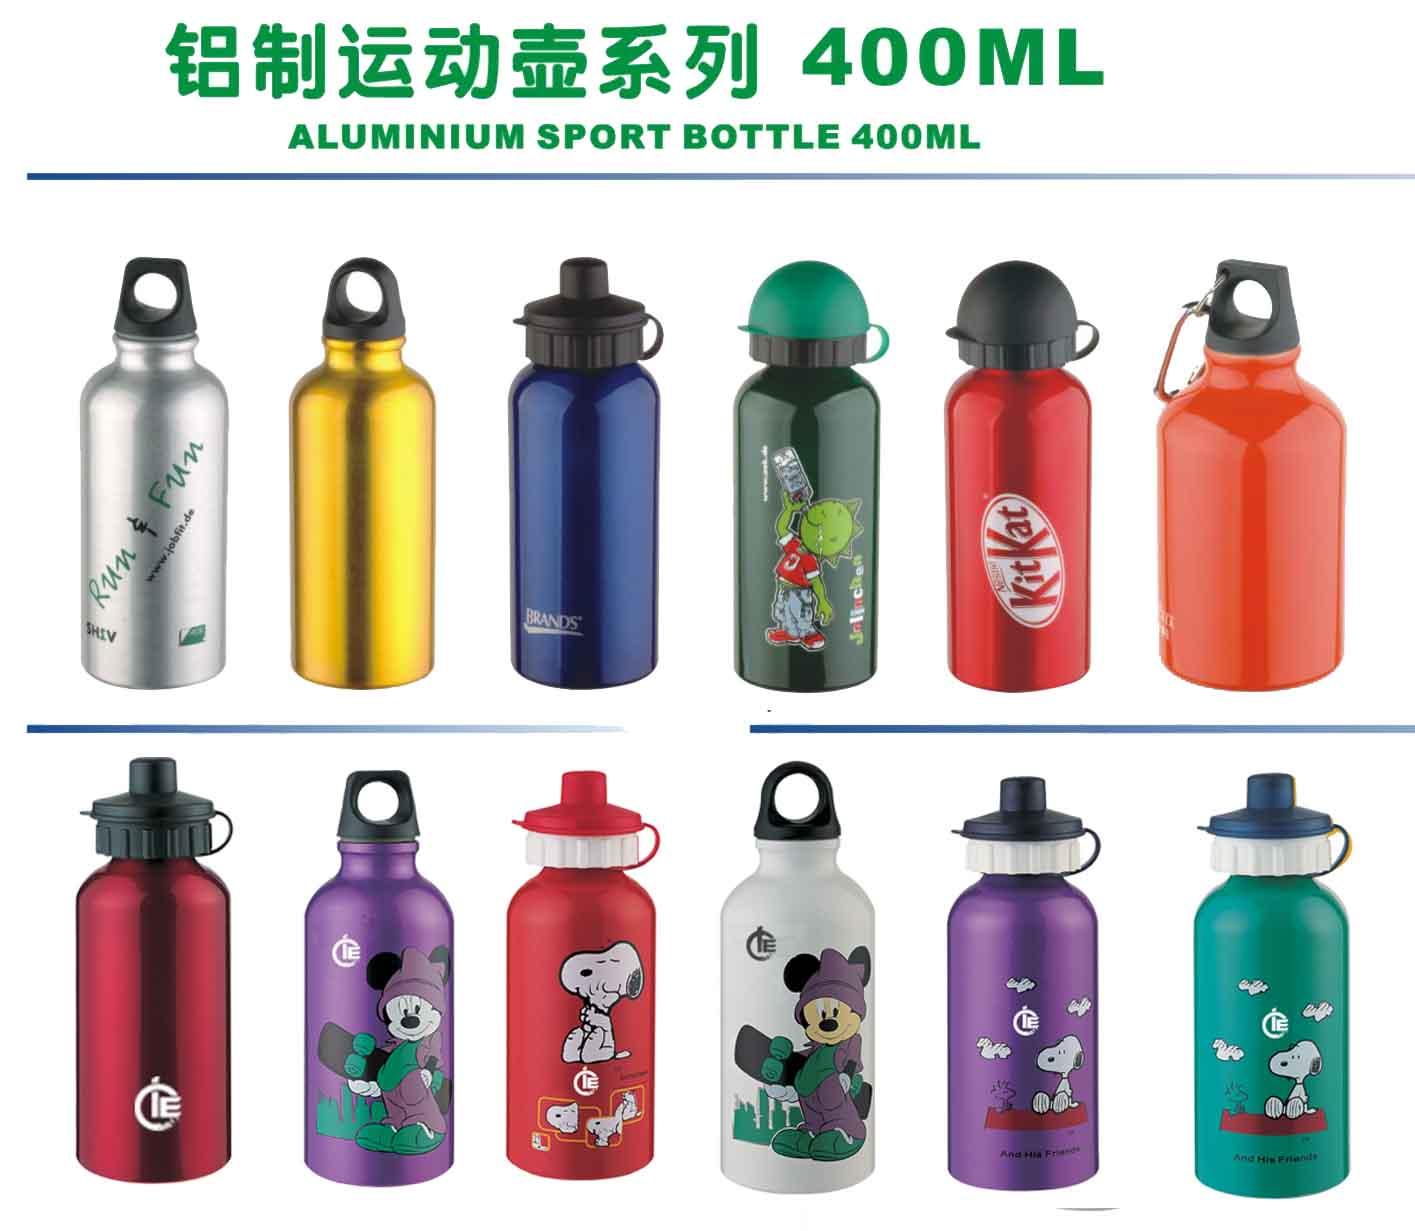 Aluminum Bottle 400ml (Алюминиевые бутылки 400ml)